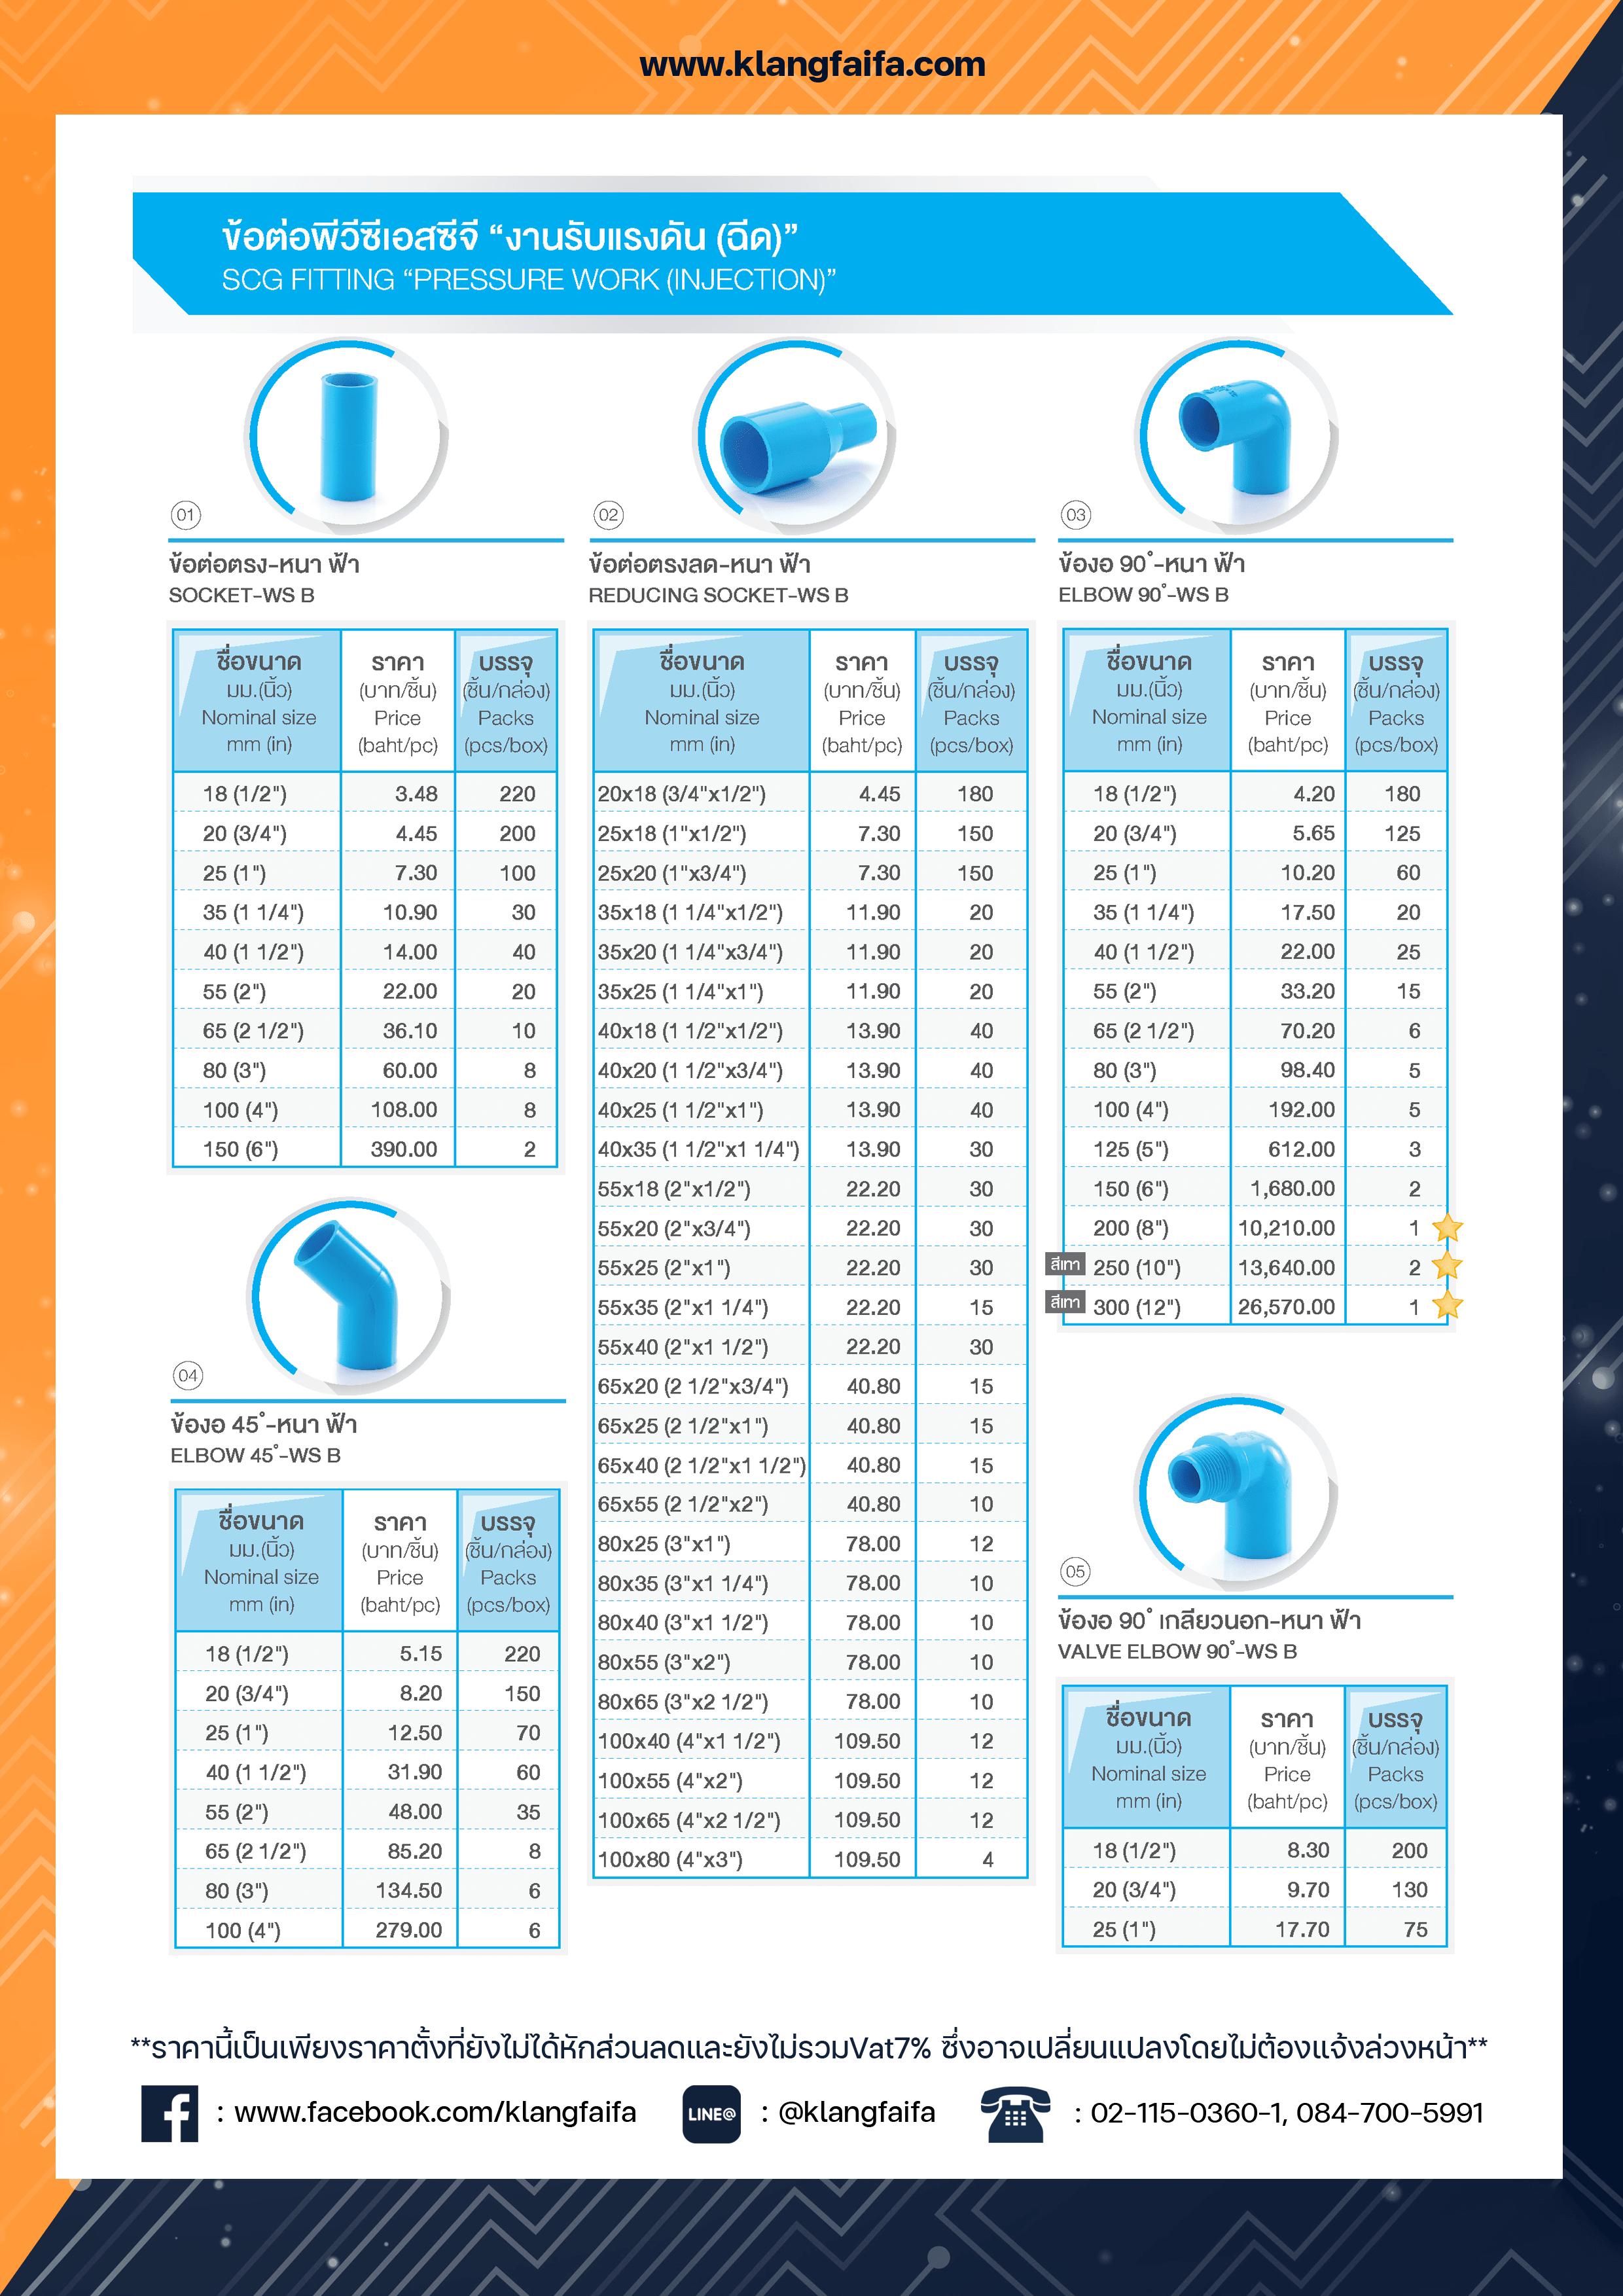 Catalog  SCG2021 ท่อน้ำ, ท่อฟ้า, ท่อSCG, ท่อพีวีซีสีฟ้า, ท่อสีฟ้า, ท่อตราช้าง